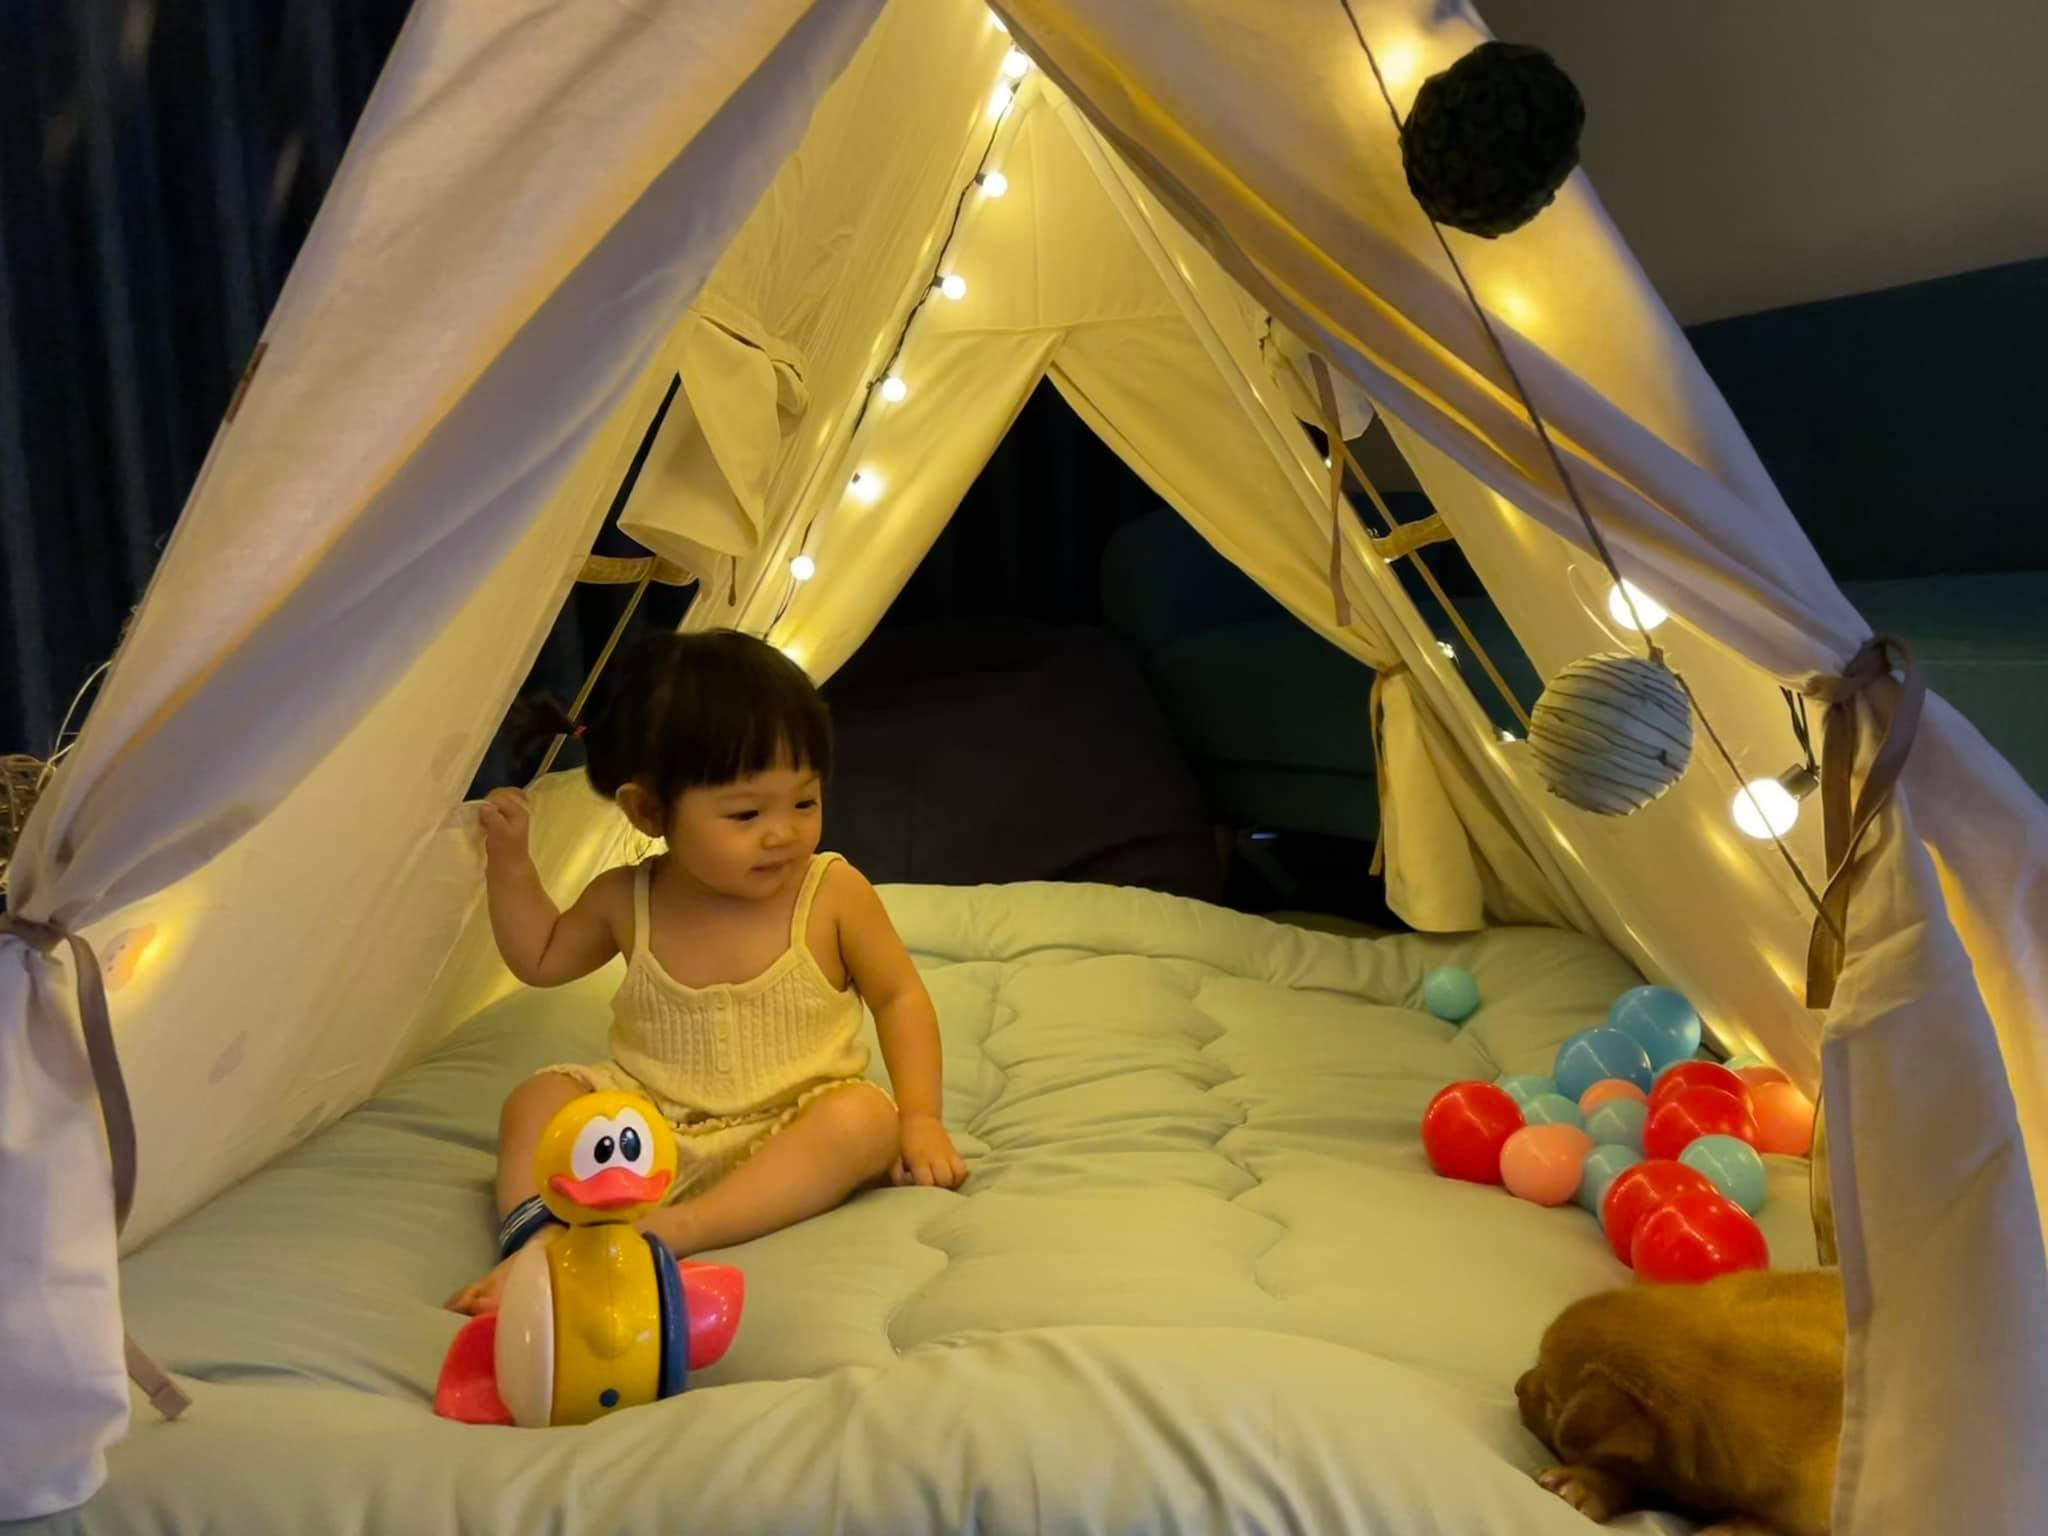 Cường Đôla chọn lều chóp du mục - kiểu lều phổ biến trong các khu cắm trại